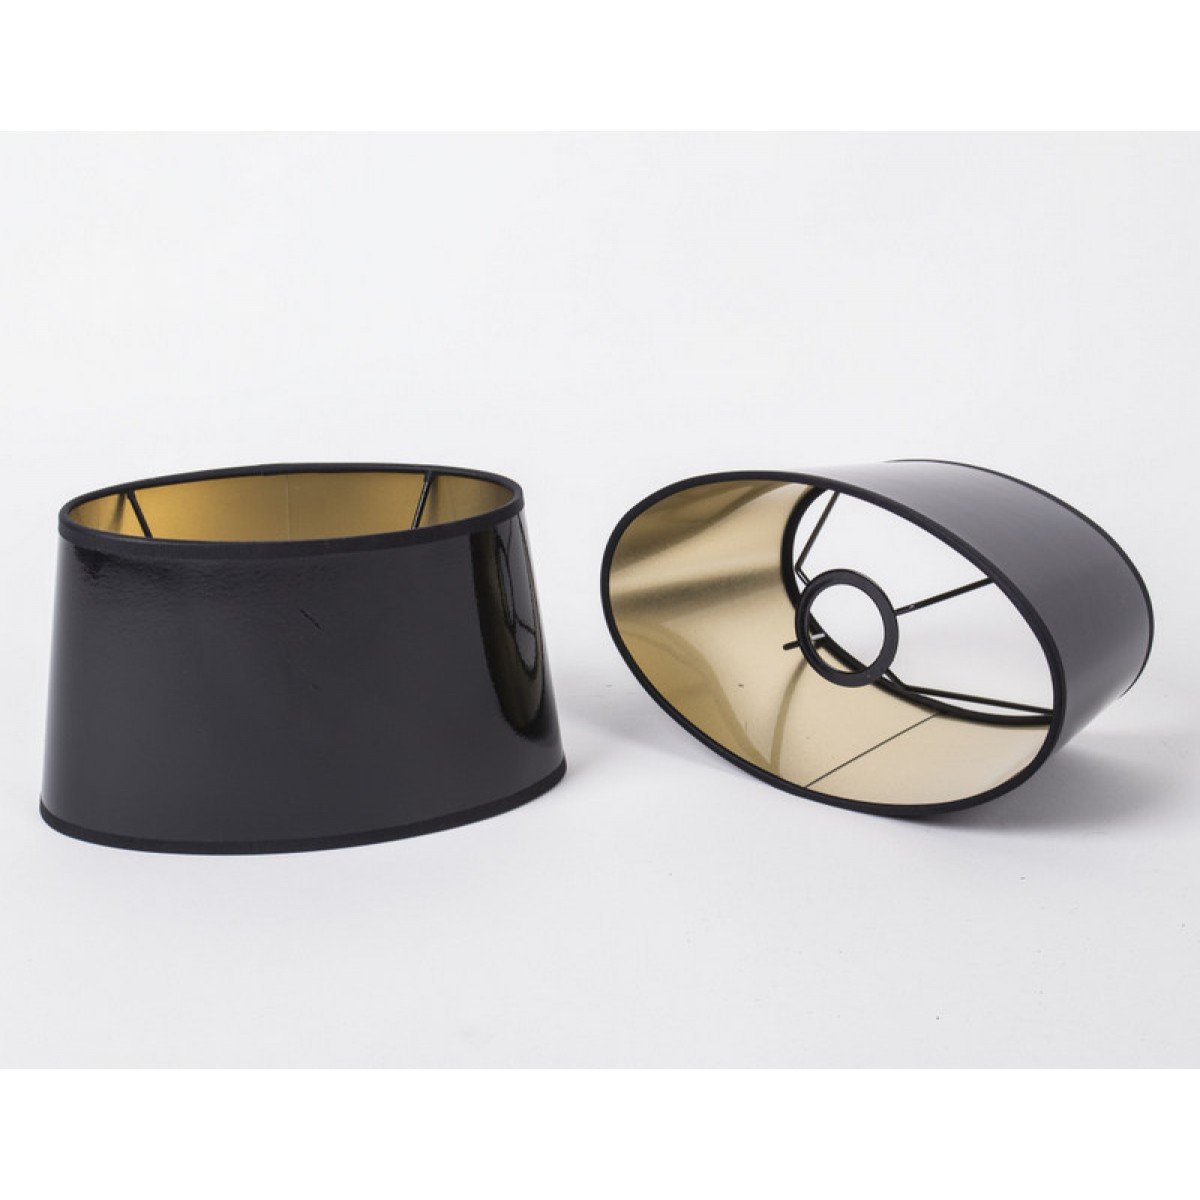 ovaler lampenschirm f r tischleuchte lampenschirm schwarz hochglanz 25 cm. Black Bedroom Furniture Sets. Home Design Ideas